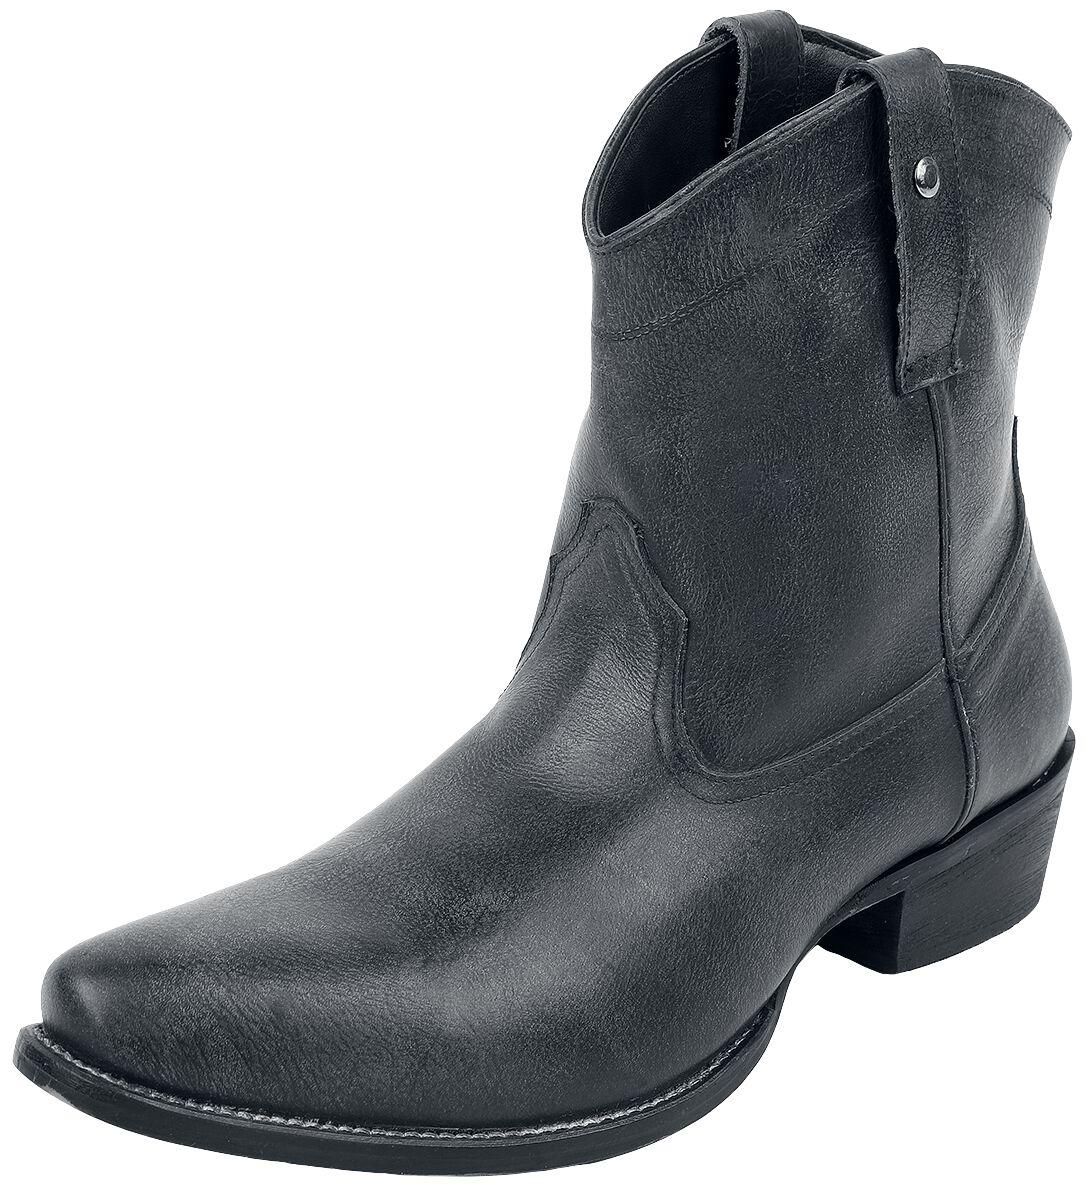 Rock Rebel by EMP Dunkelgraue Cowboy-Boots Boot dunkelgrau Q321-000029 M436280